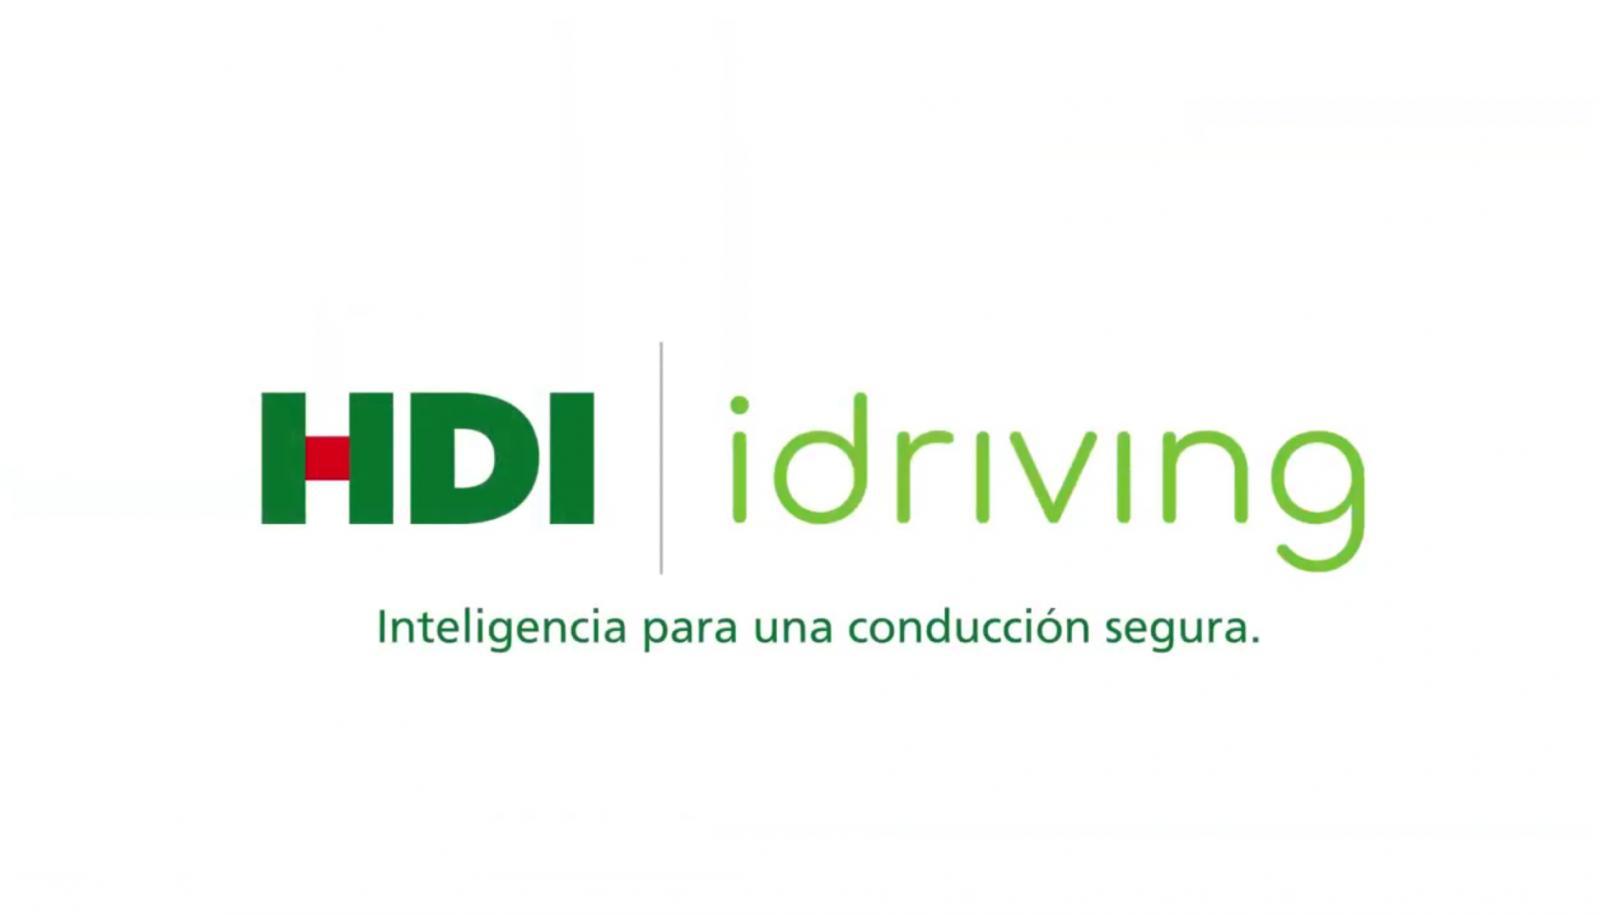 HDI 2